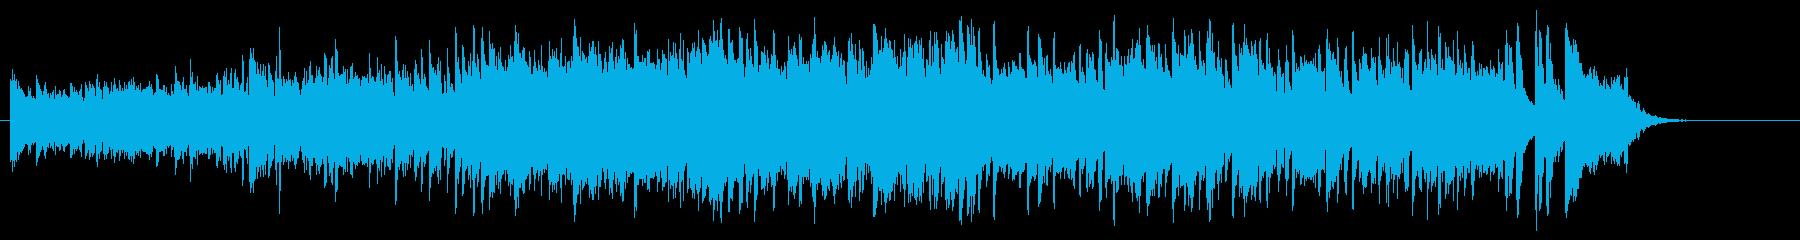 澄み切ったアコースティック感の漂う曲の再生済みの波形